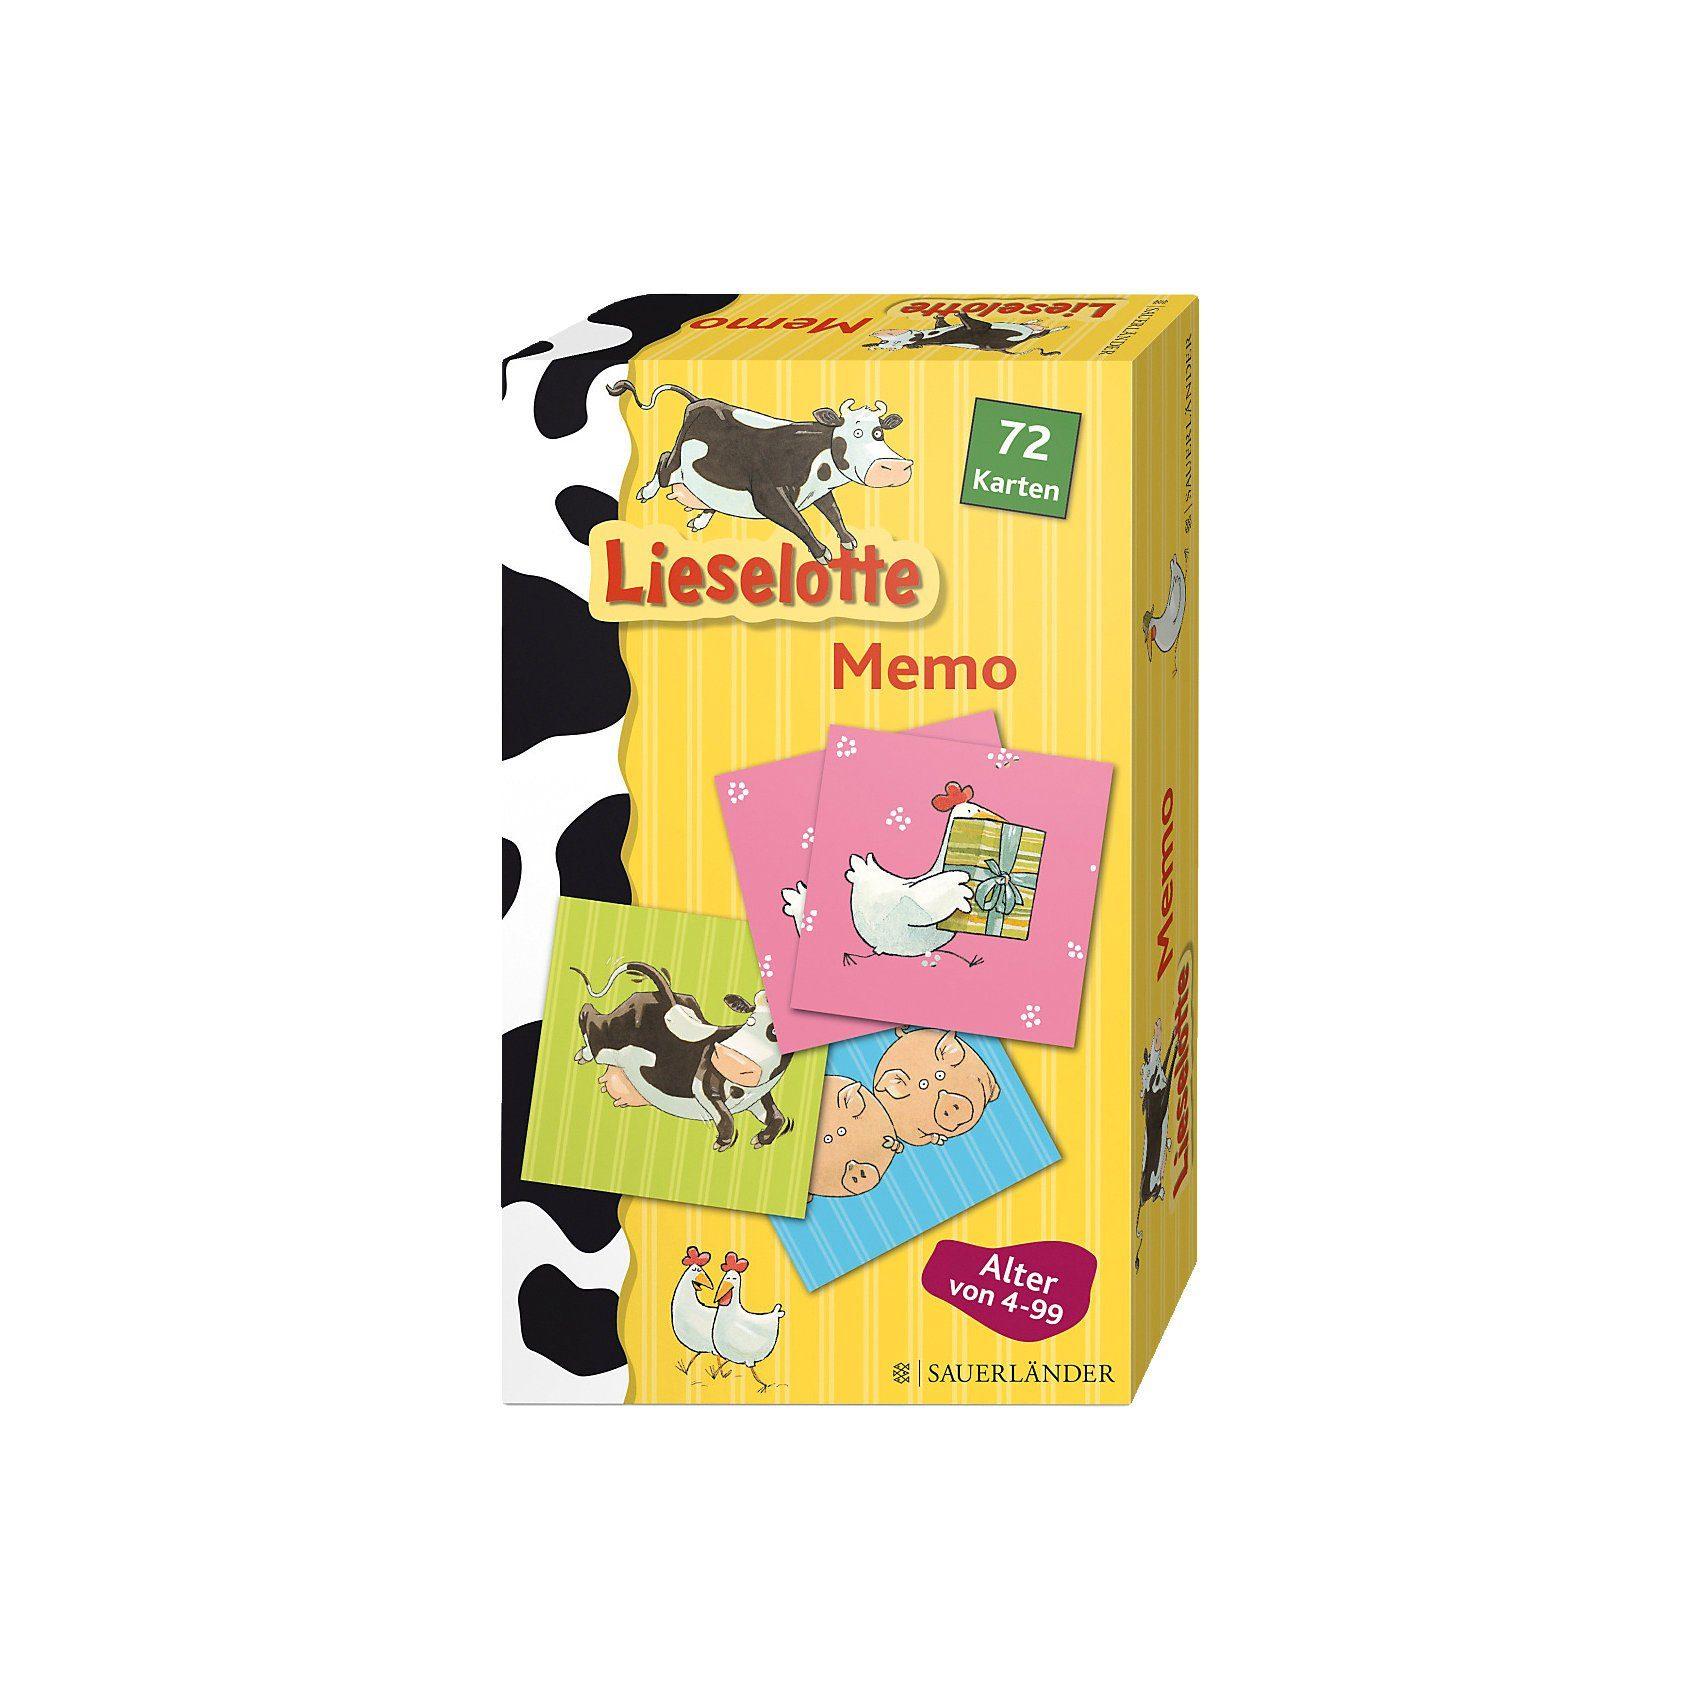 S. Fischer Verlag Lieselotte Memo-Spiel (Kinderspiel)